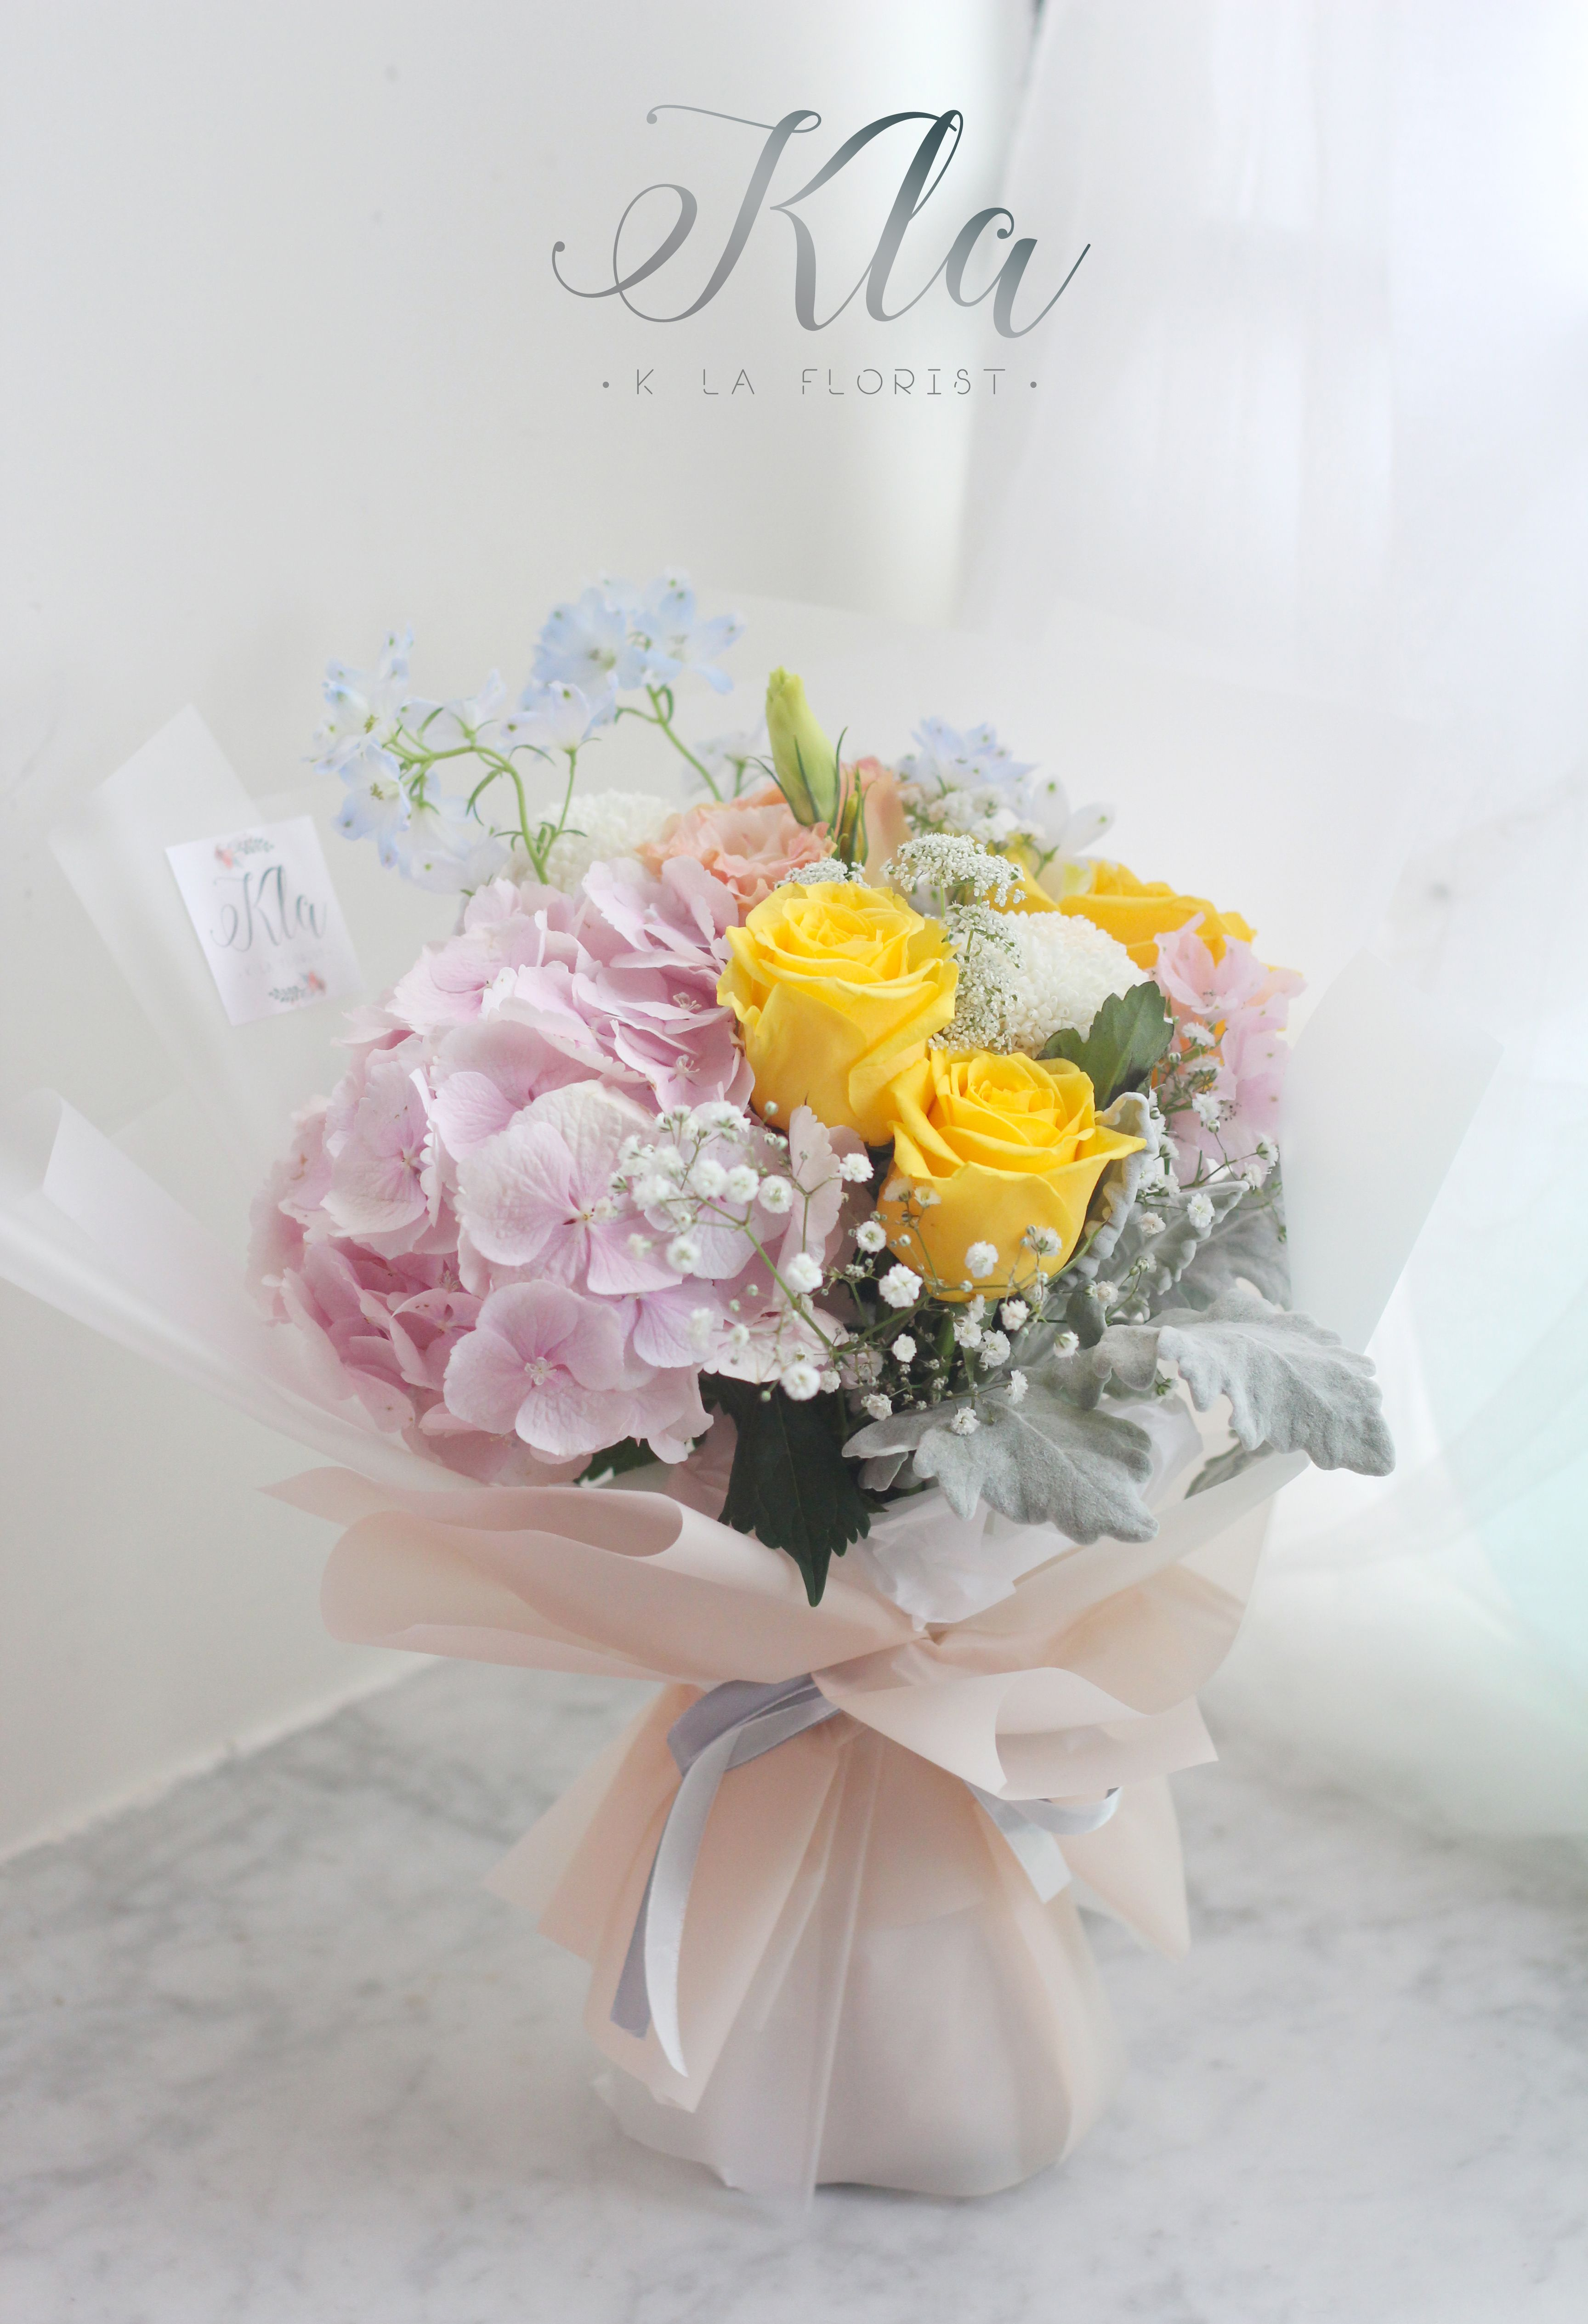 Pin by k la florist on flower bouquet pinterest flower bouquets flower bouquets izmirmasajfo